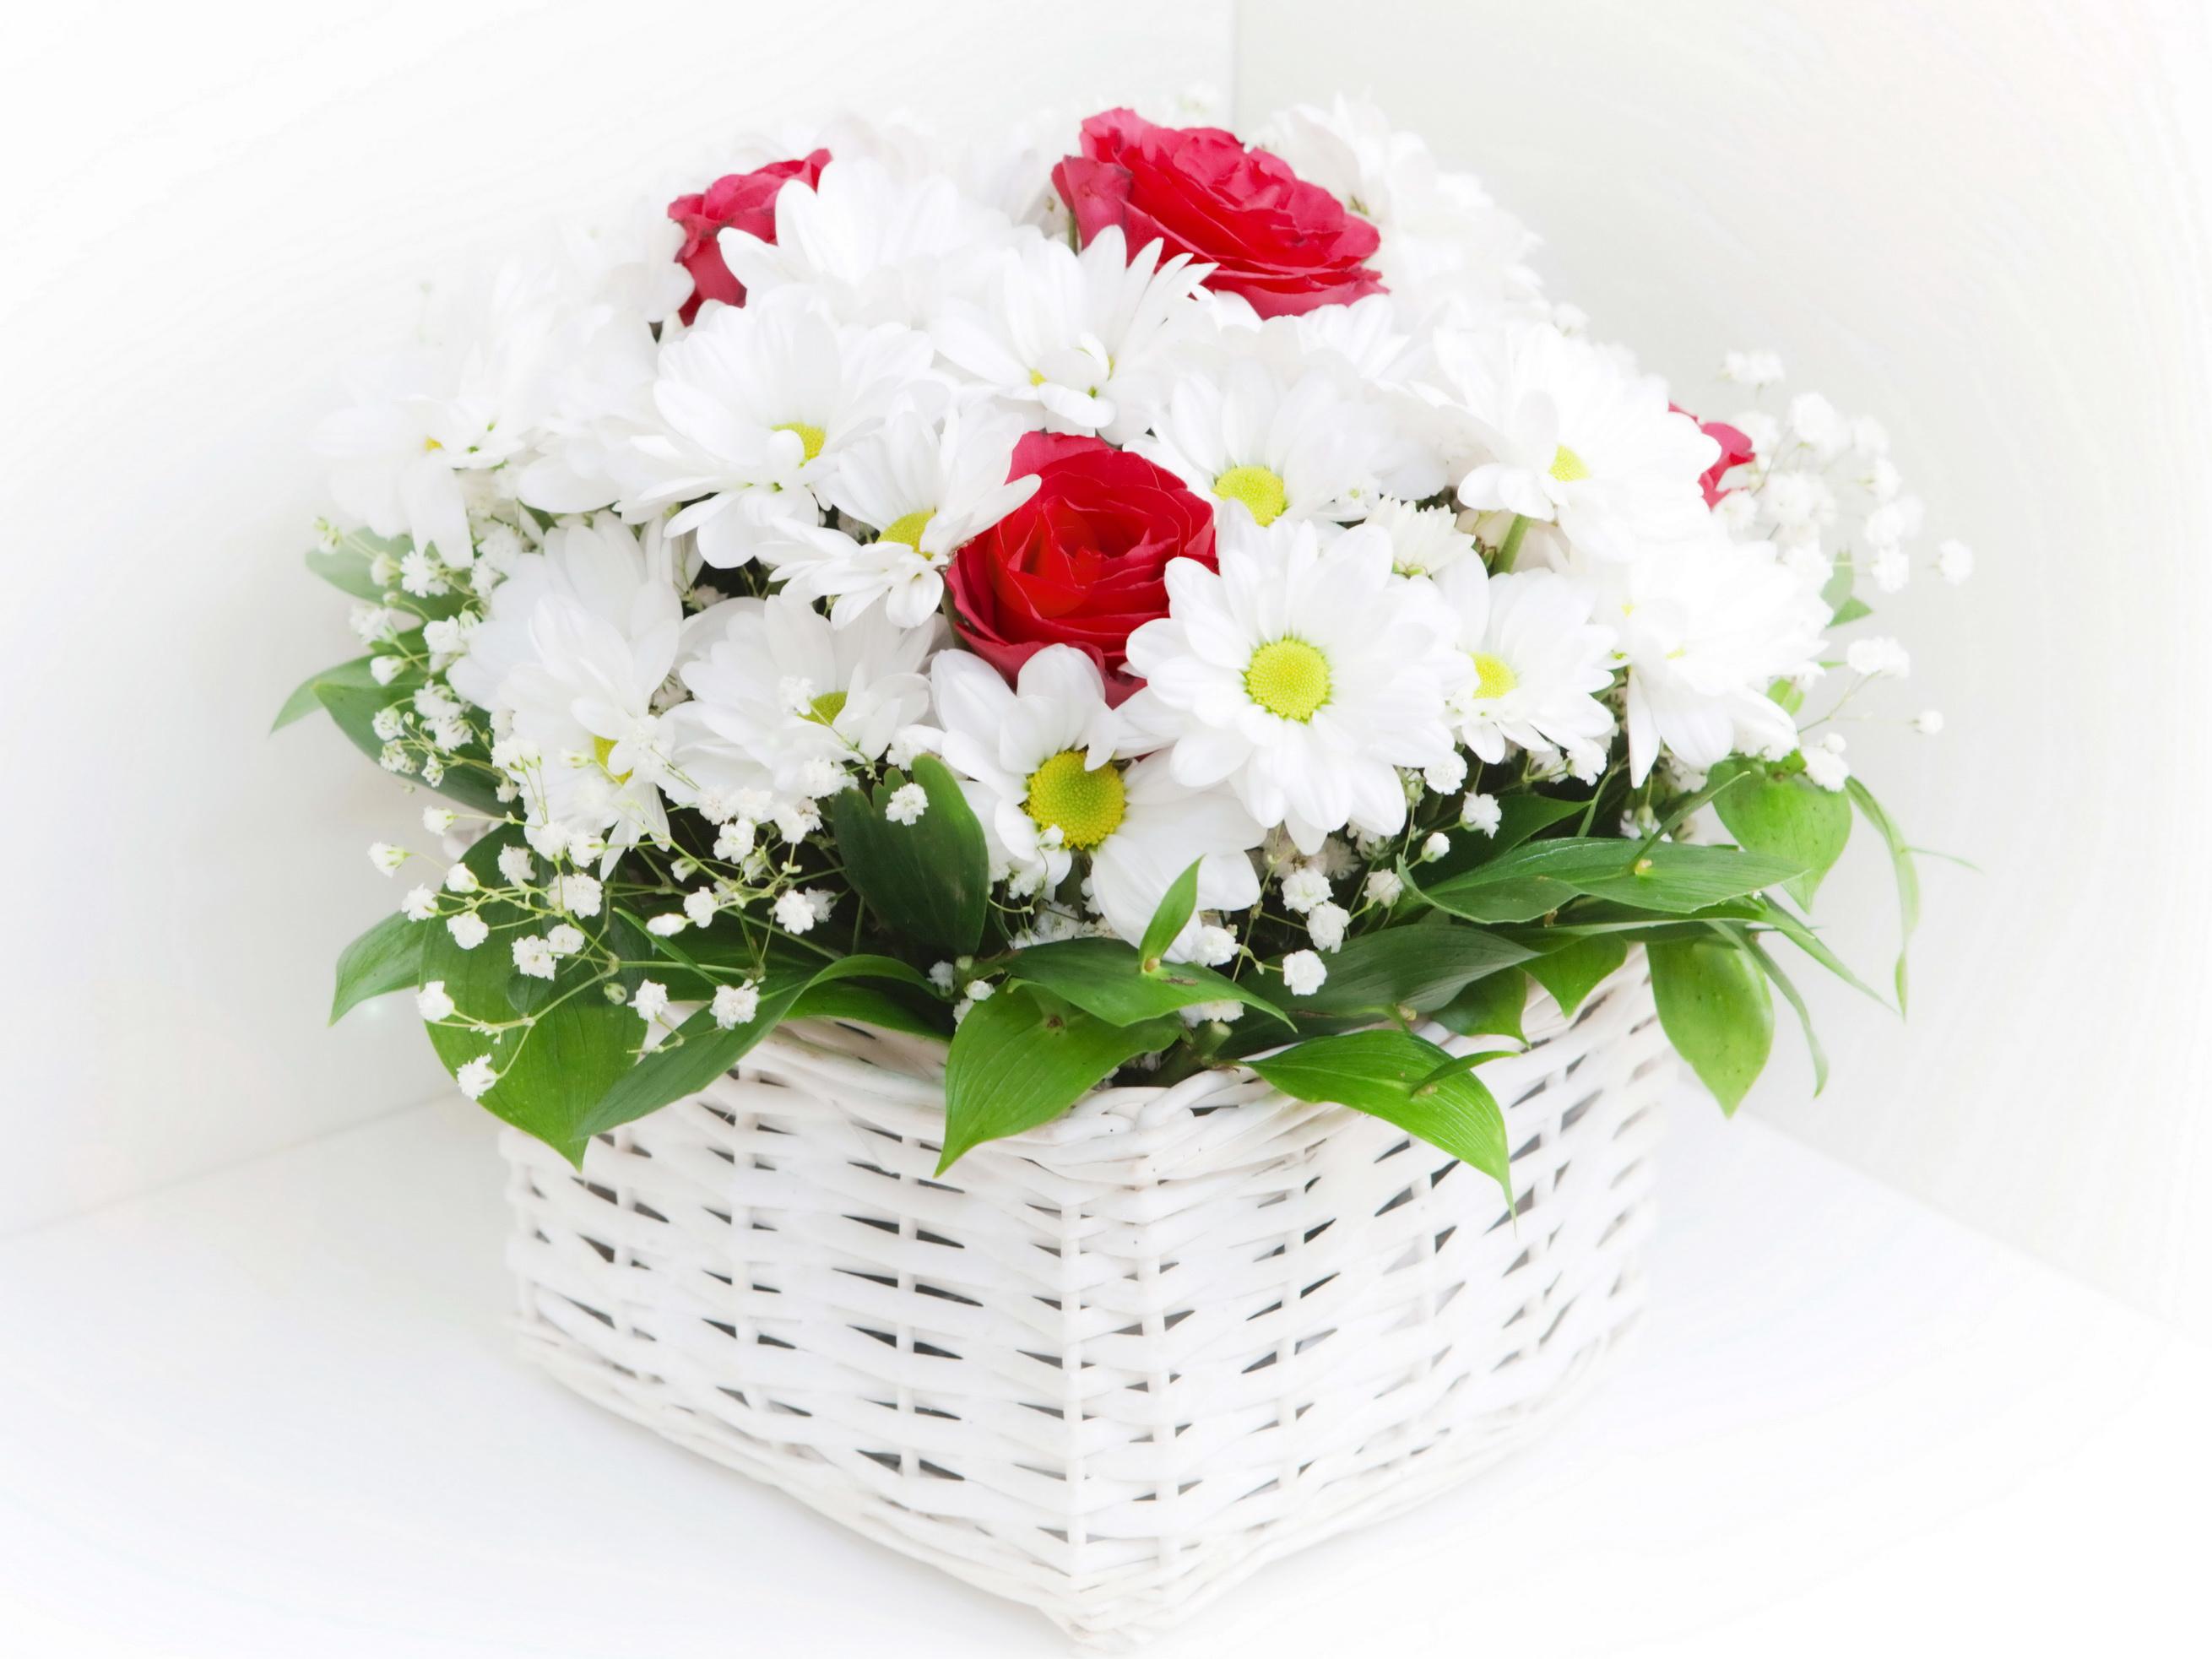 Цветы ромашки букет фото